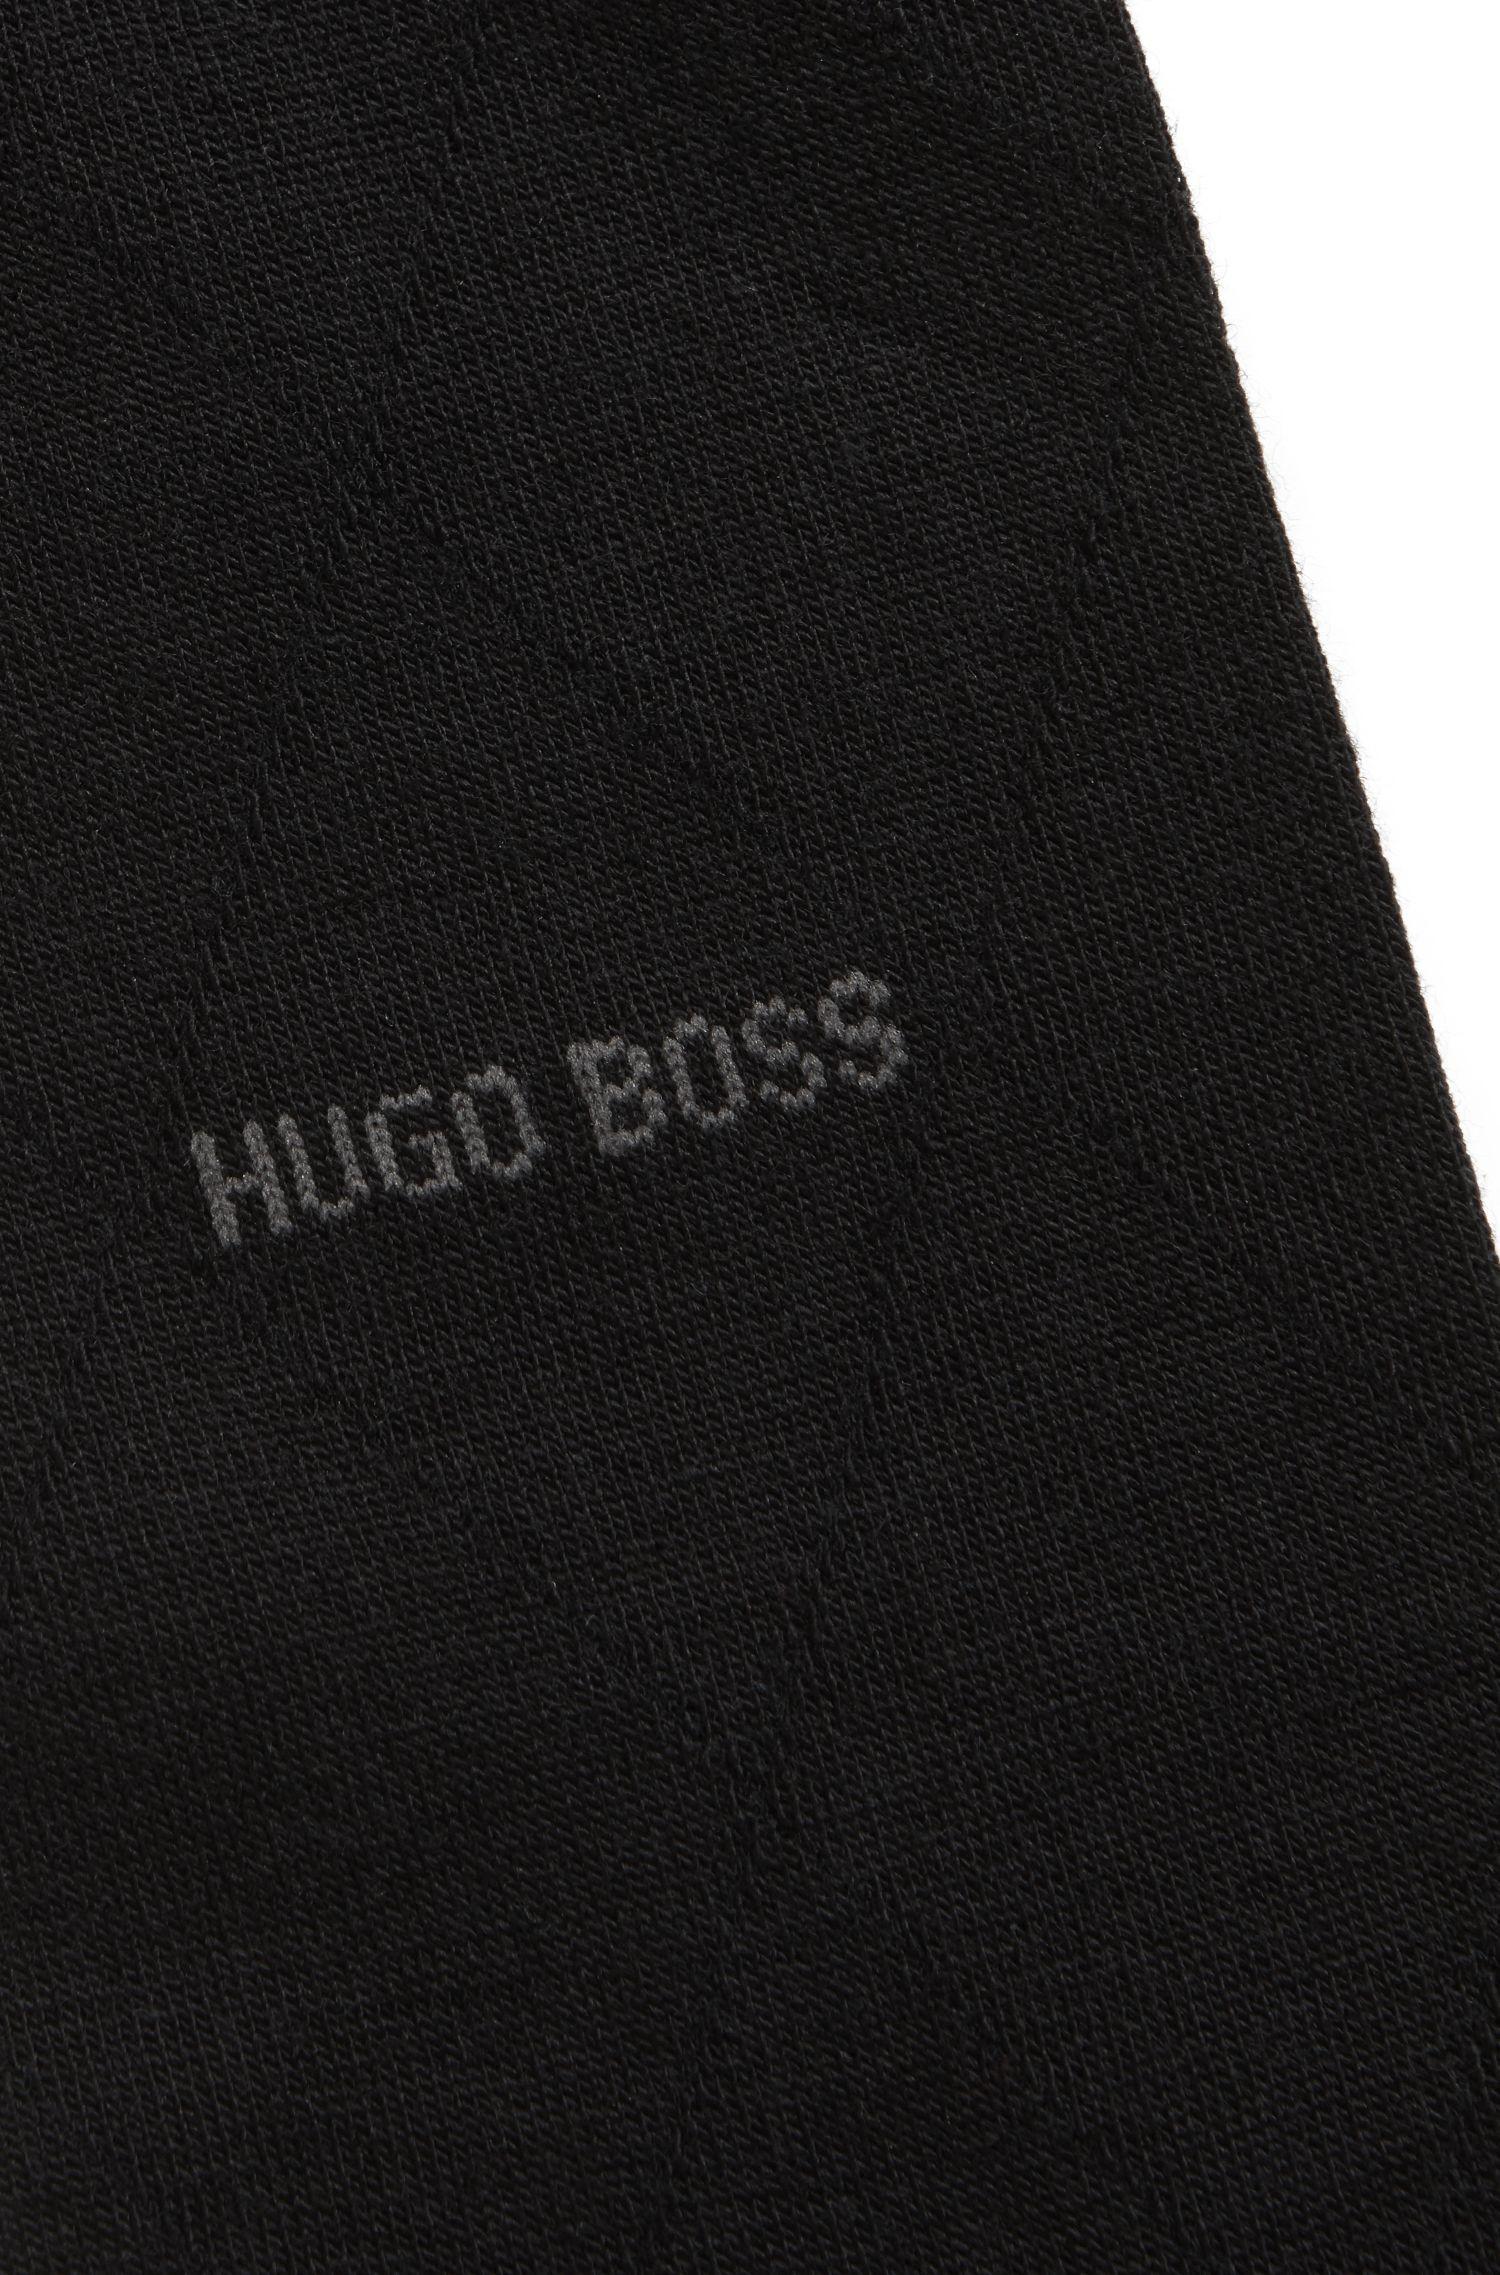 Mittelhohe Socken aus Woll-Mix mit kontrastfarbenem Logo, Schwarz